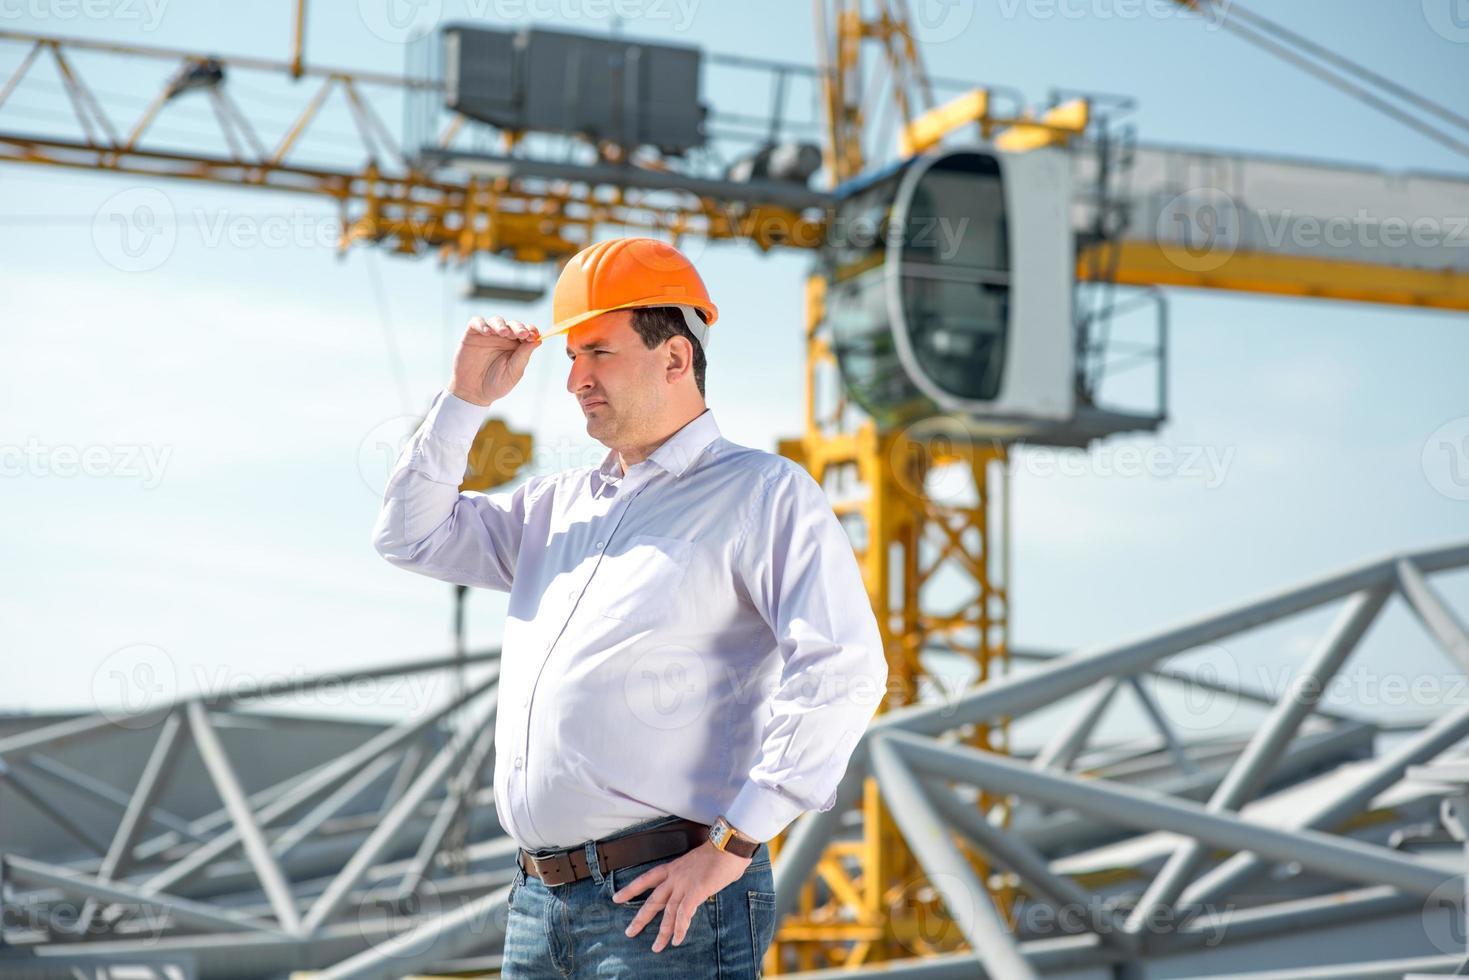 Vorarbeiter, der das Projekt beim Bau überwacht. foto